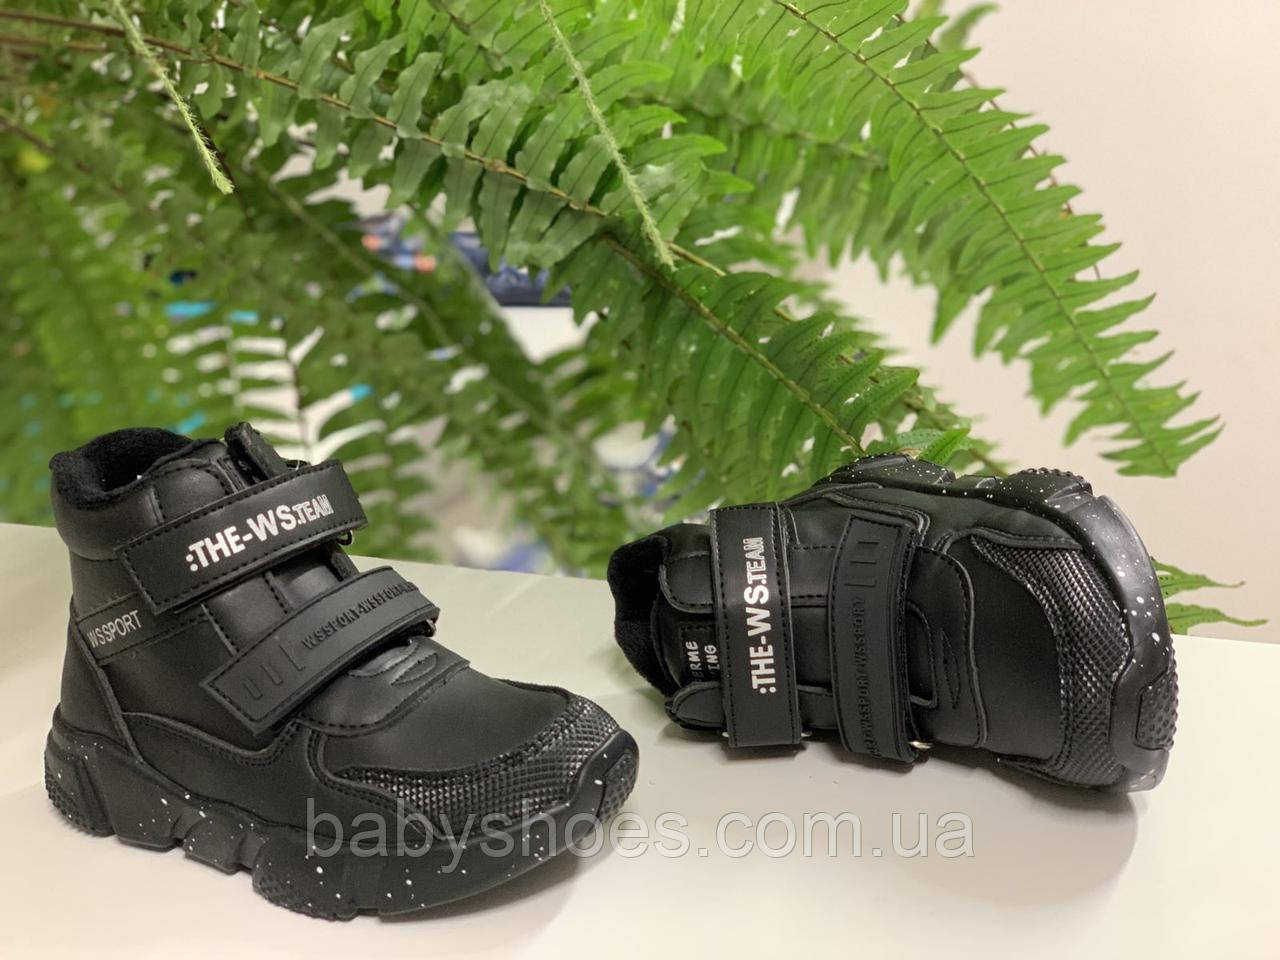 Демисезонные ботинки для мальчика WeeStep,Польша р.27-31,  ДМ-261